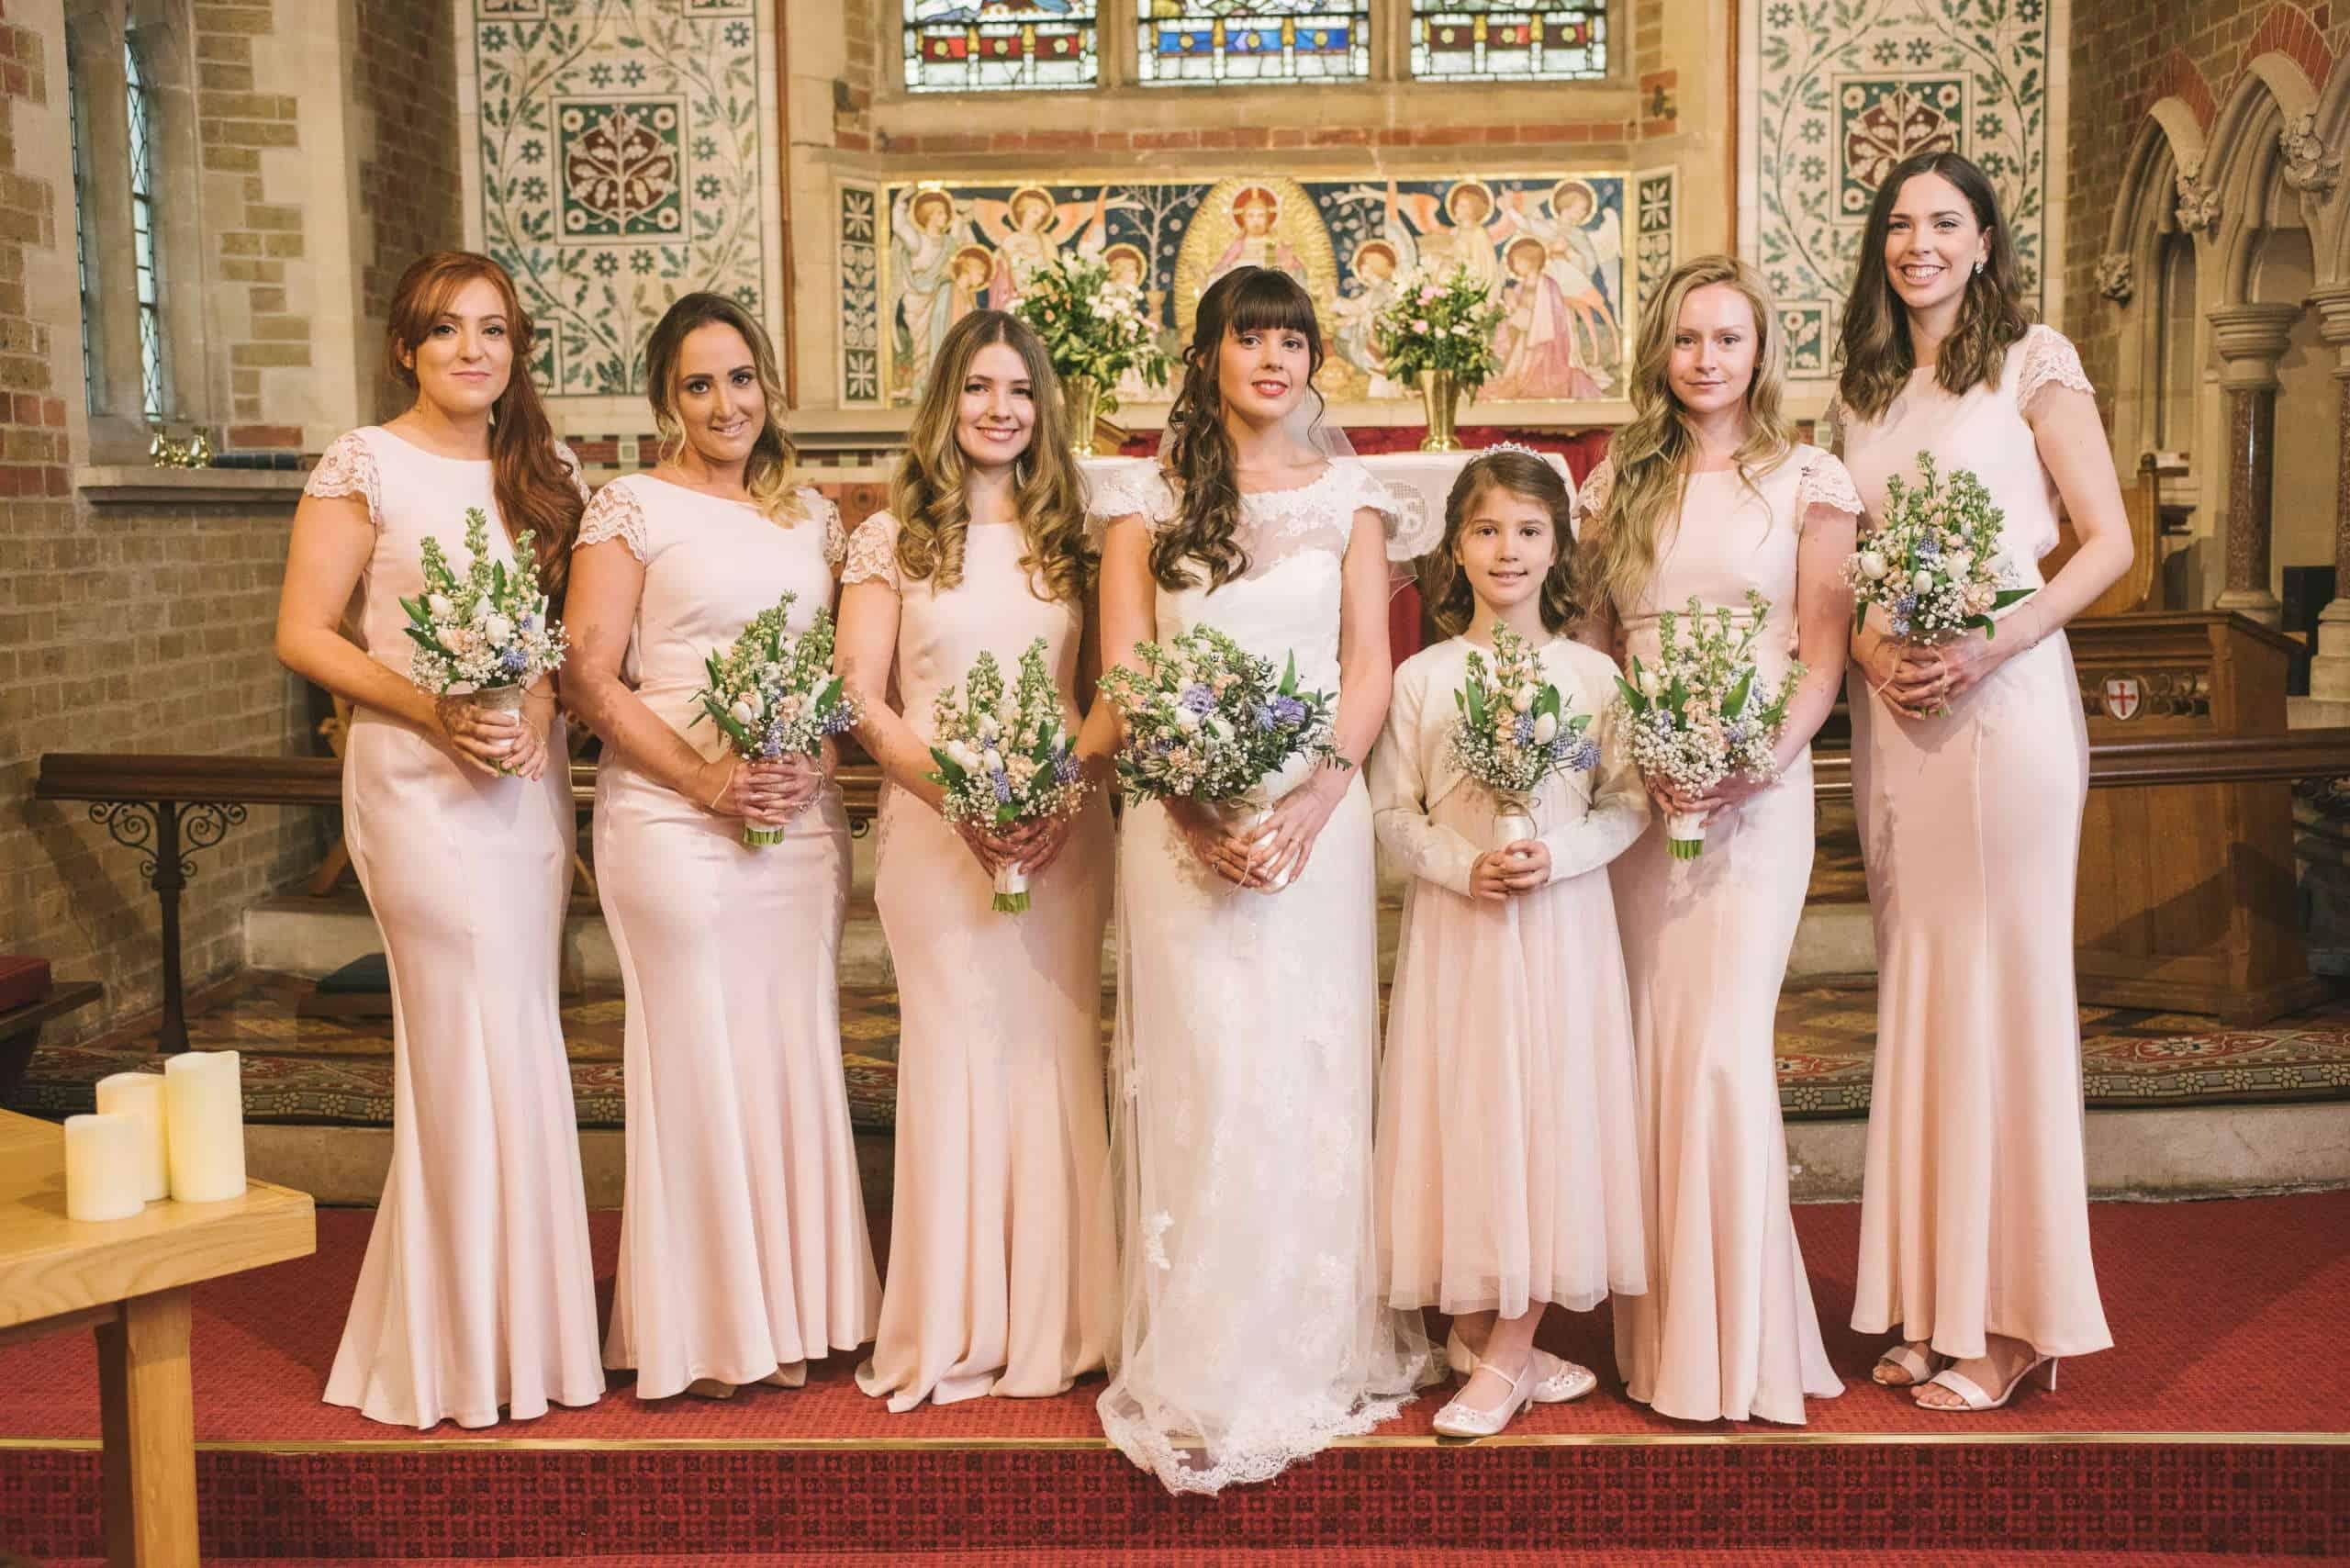 230416 Essex Wedding Photography Baddow Gallerywood 040